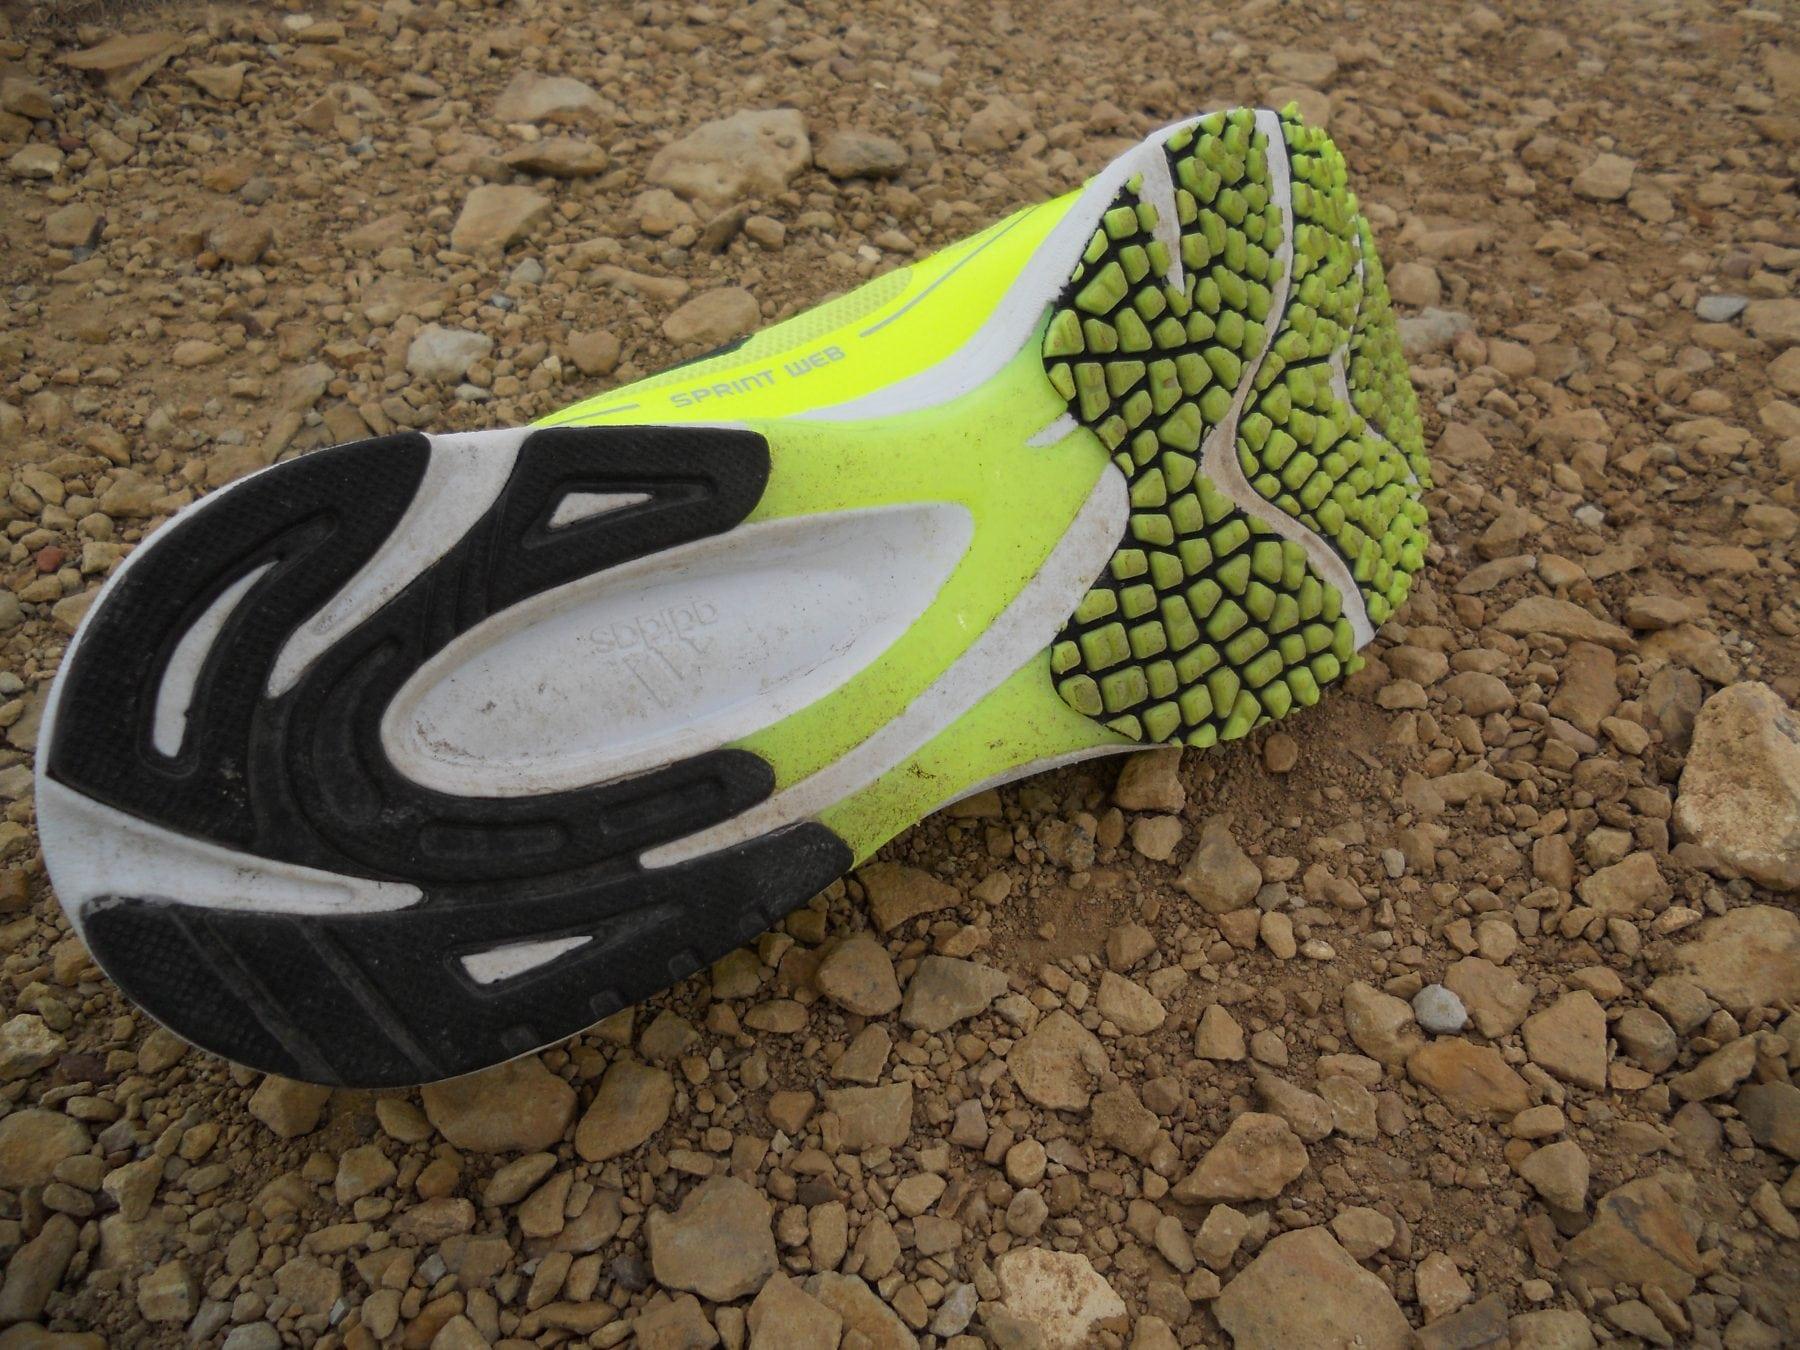 Adidas Hagio outsole